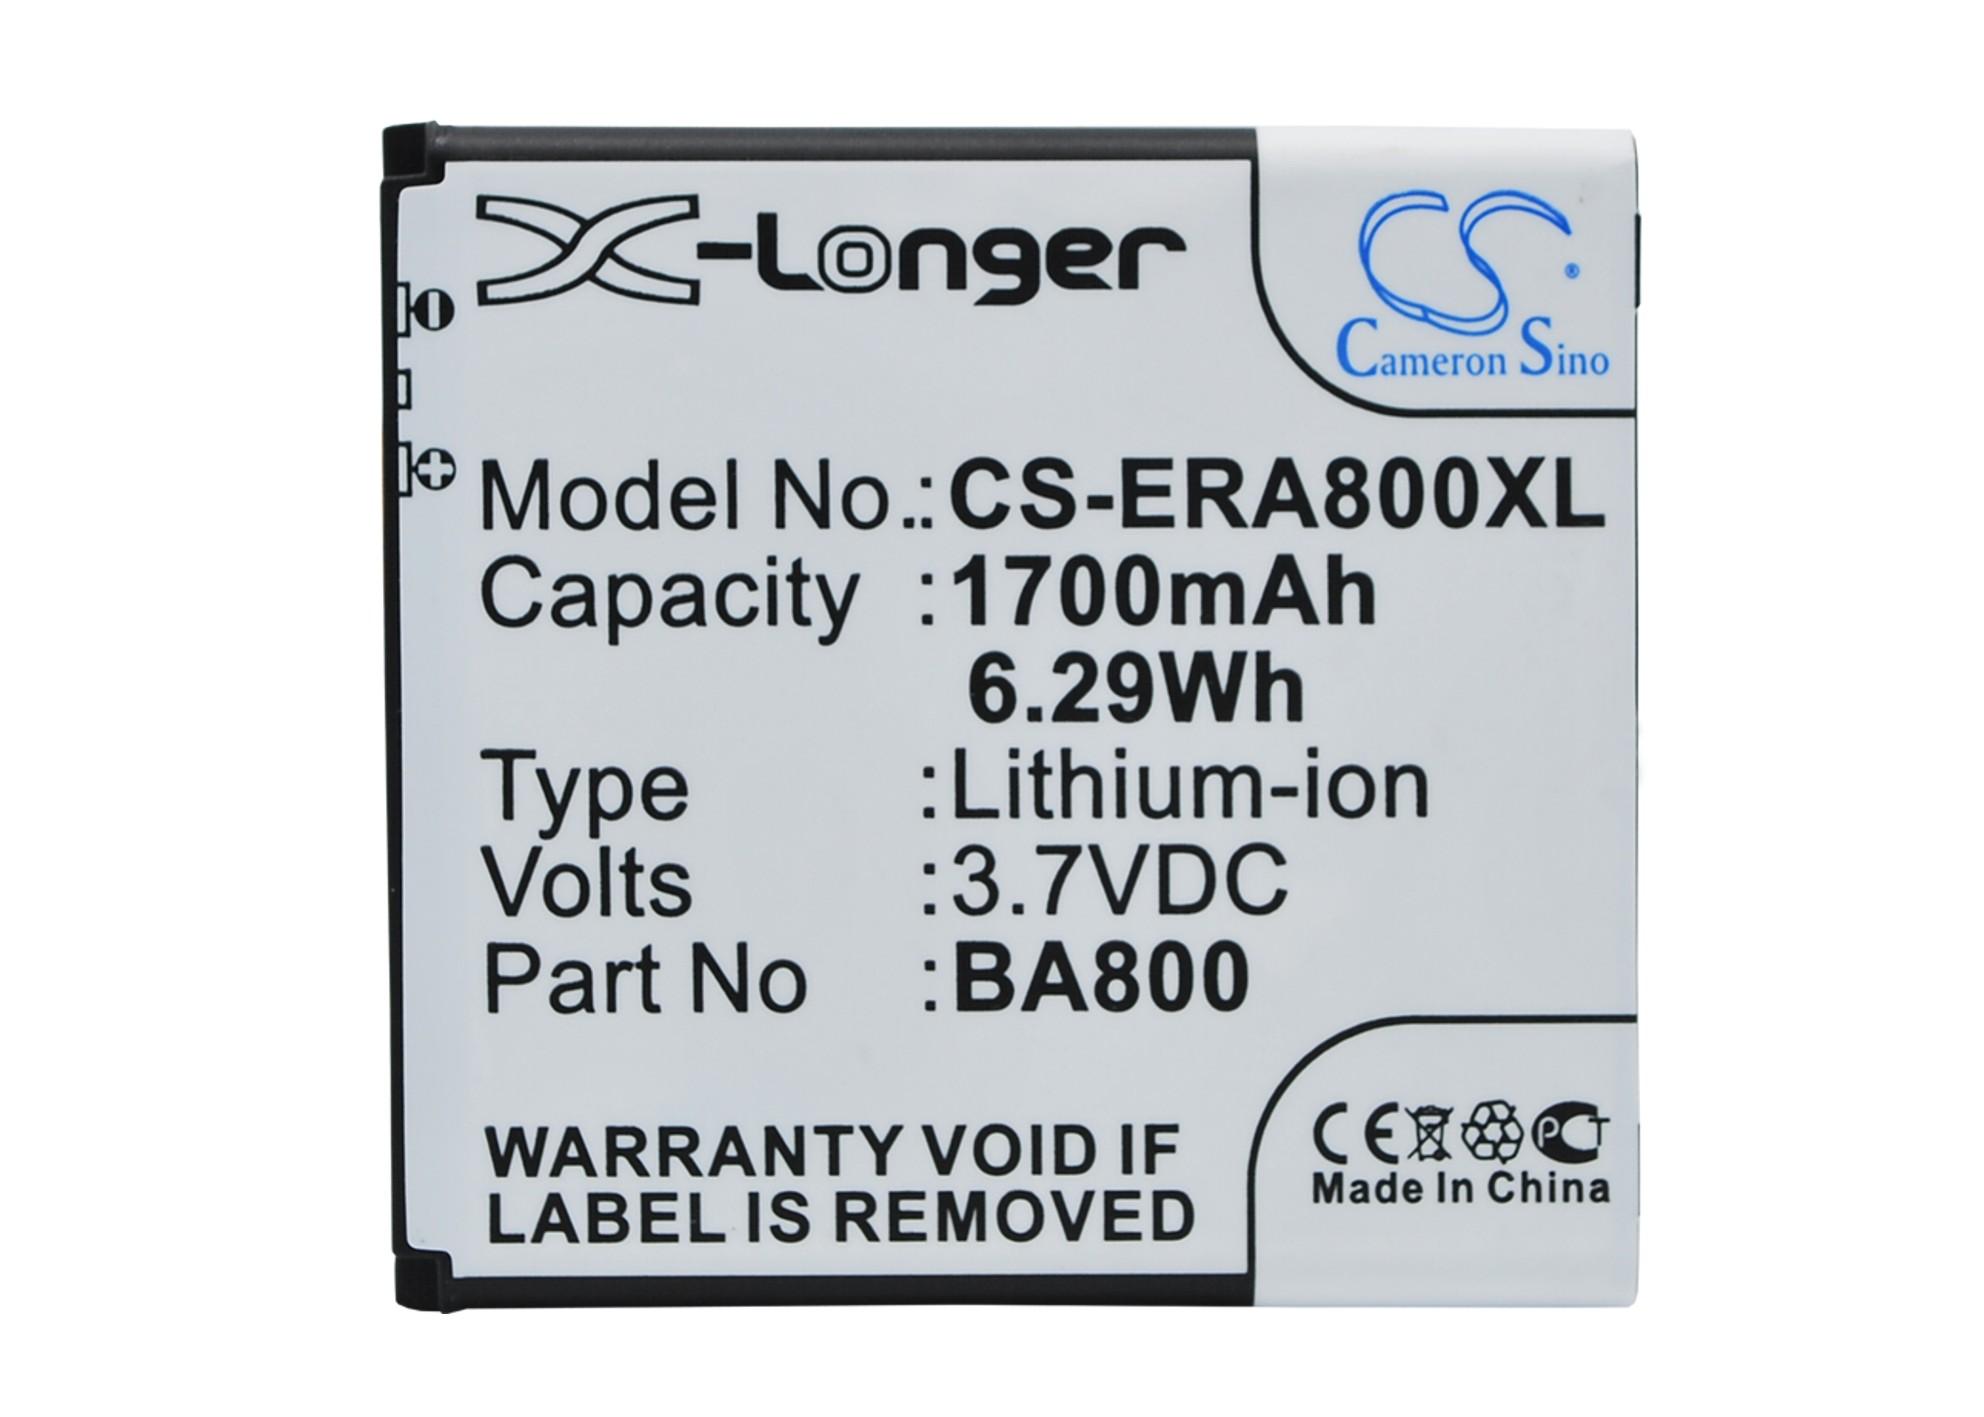 Cameron Sino baterie do mobilů pro SONY ERICSSON Xperia Arc S 3.7V Li-ion 1700mAh černá - neoriginální